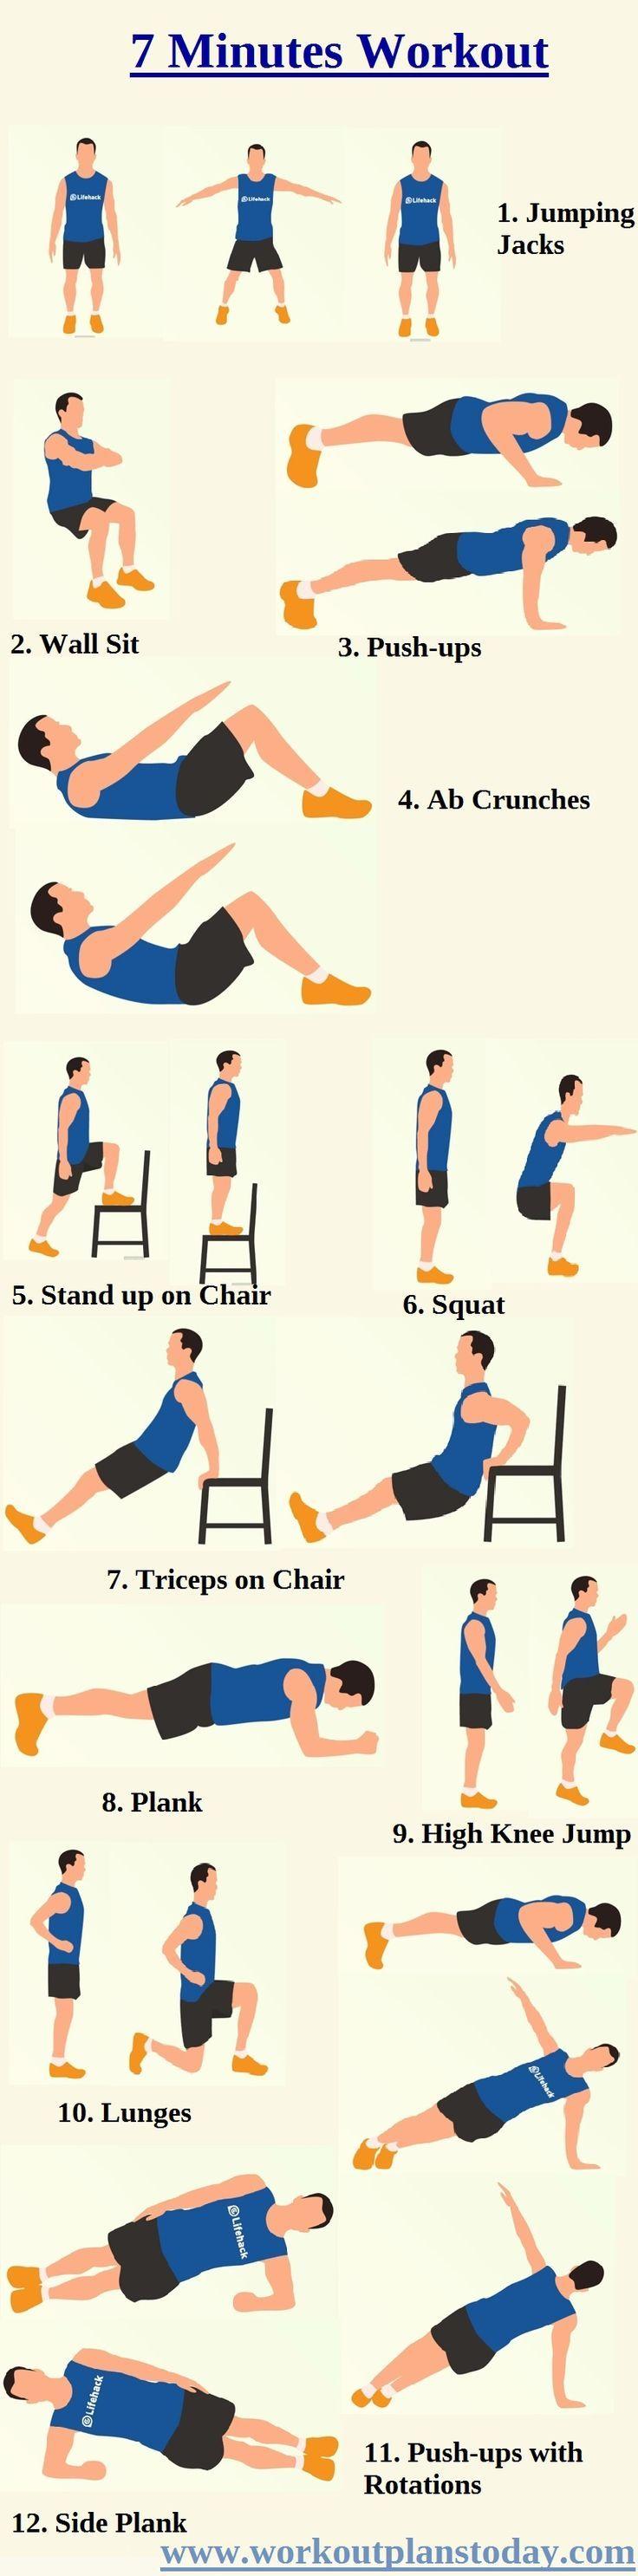 7 Minutes Workout, http://hughweightlosstips.wordpress.com/ men's fitness, fitness inspiration